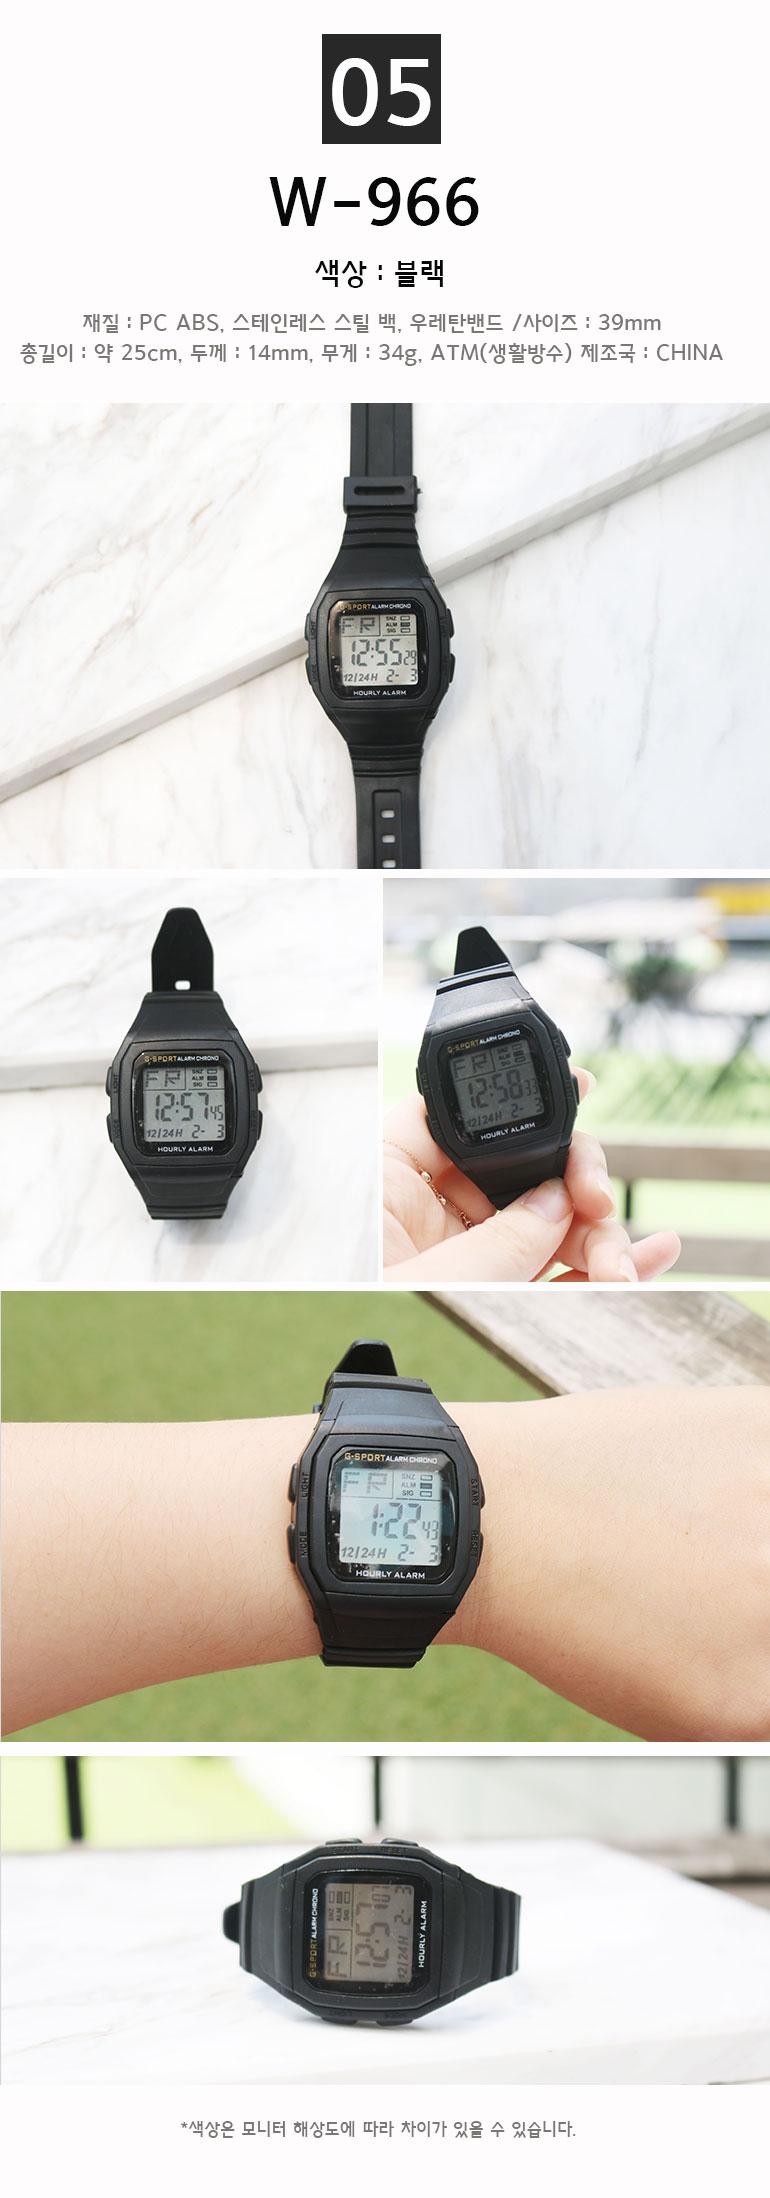 W-966 군인 전자시계 - 라콘, 8,900원, 남성시계, 전자시계